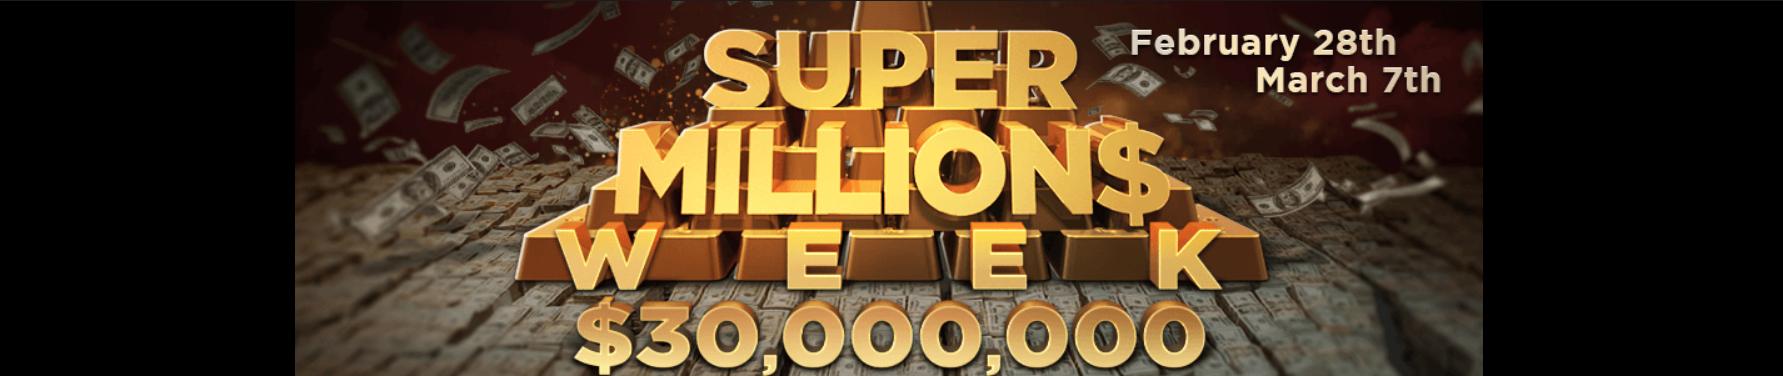 Super Million$ Week